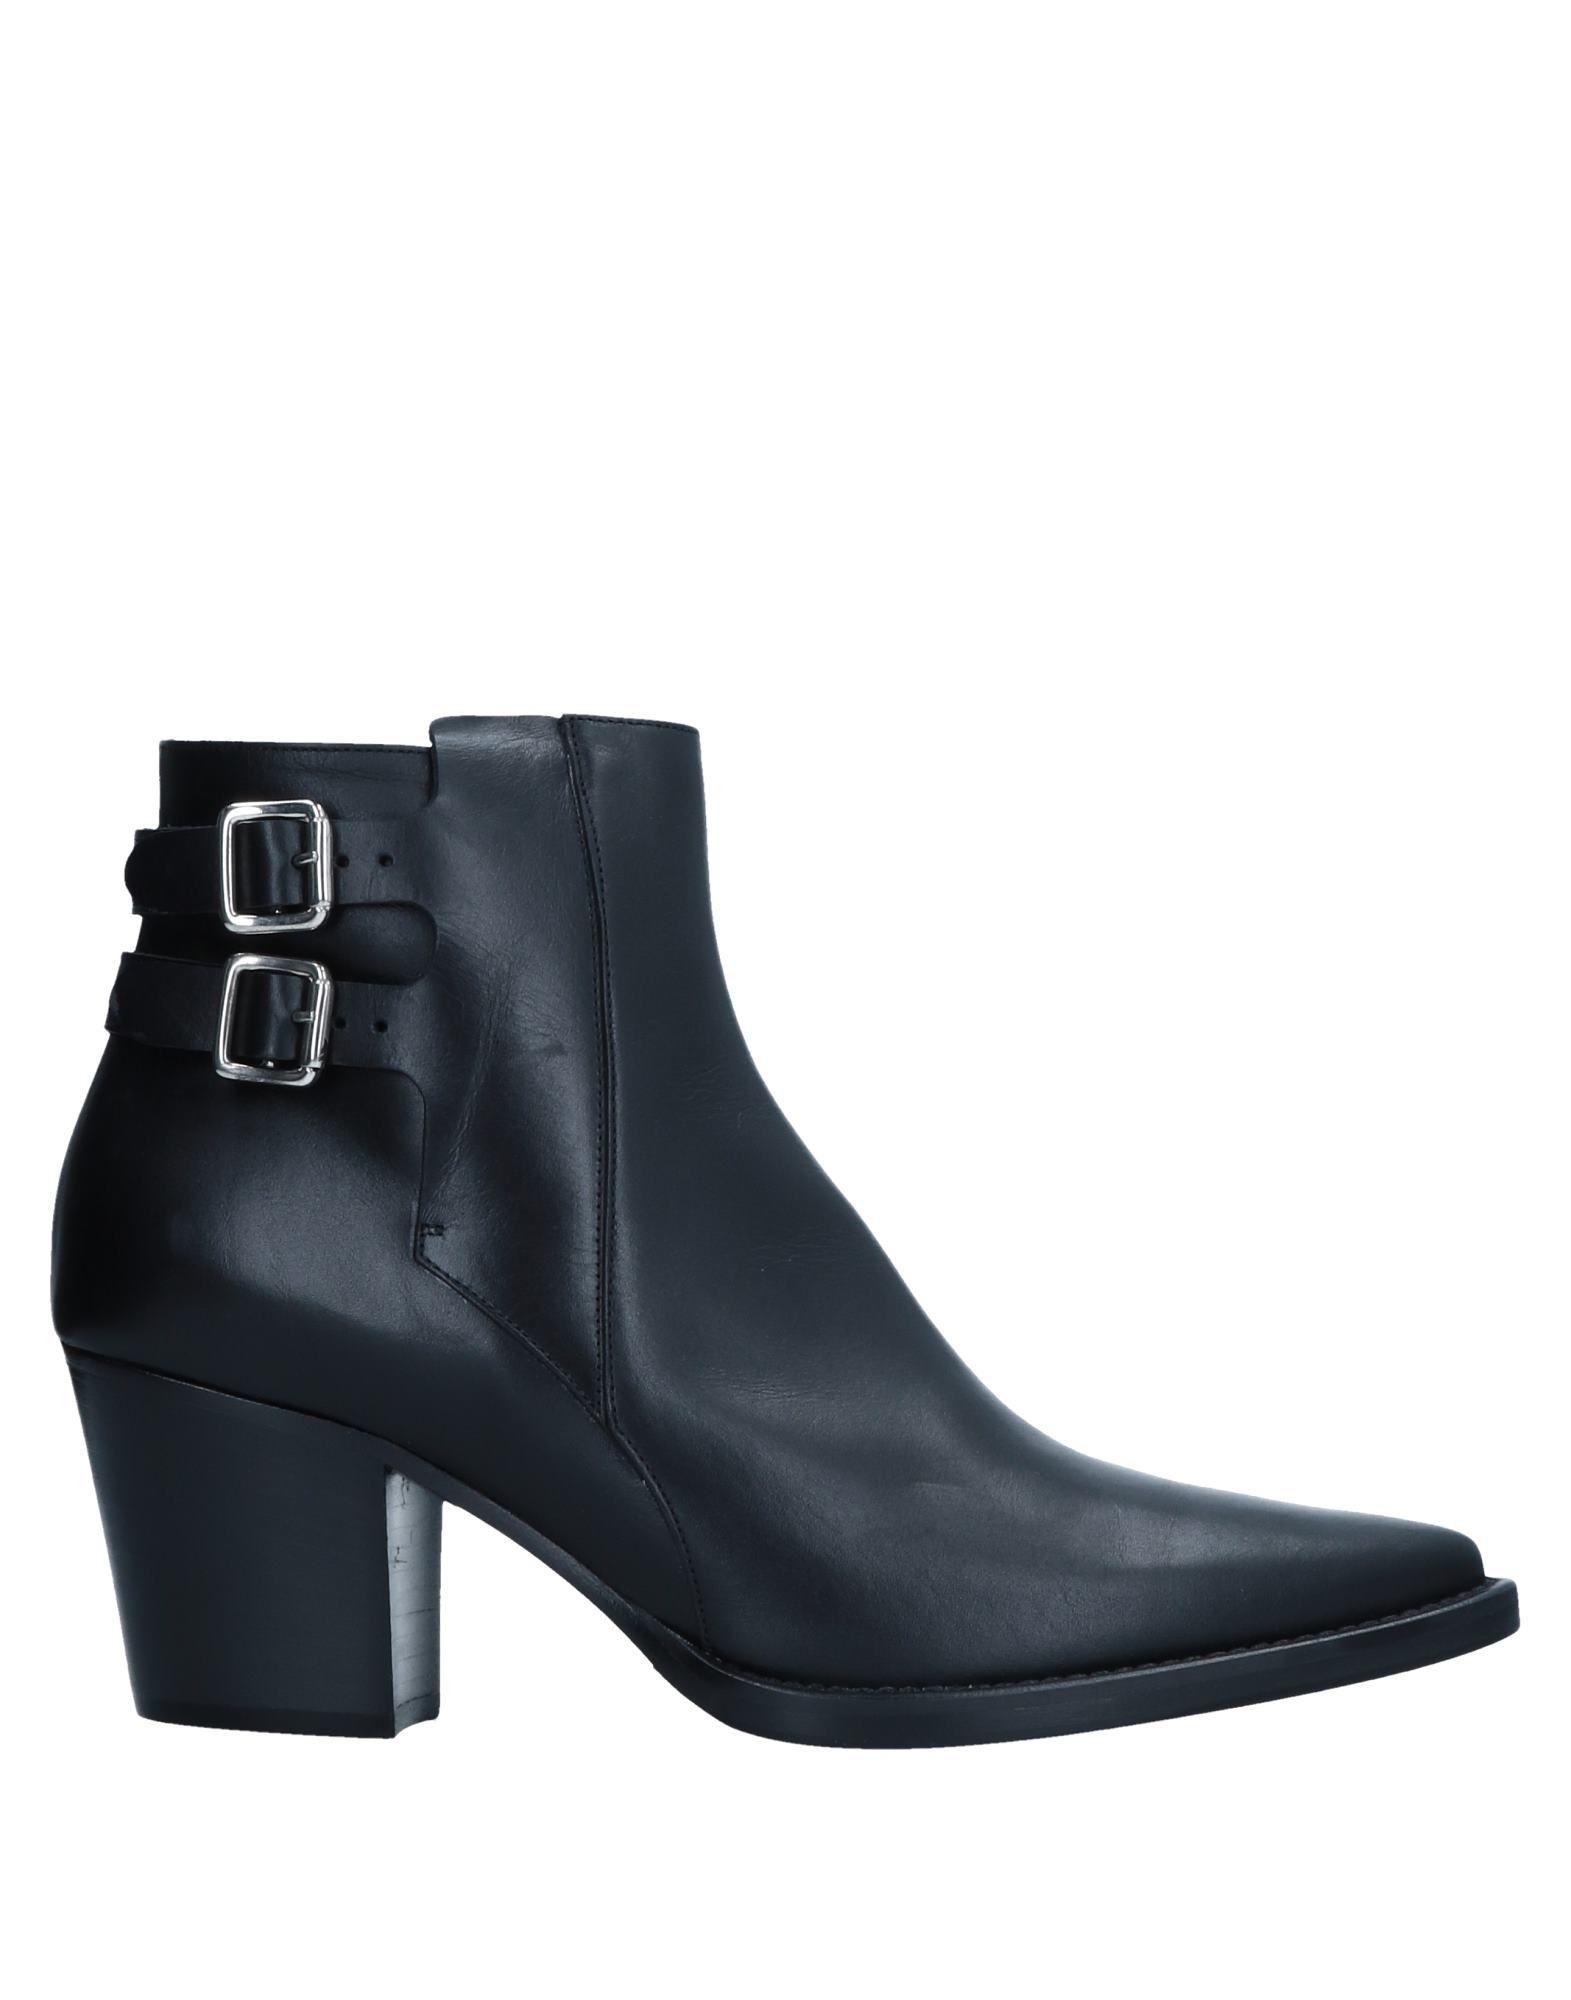 Porta Borsari Ankle Boot - Women Porta Borsari  Ankle Boots online on  Borsari United Kingdom - 11547038KI a143cc